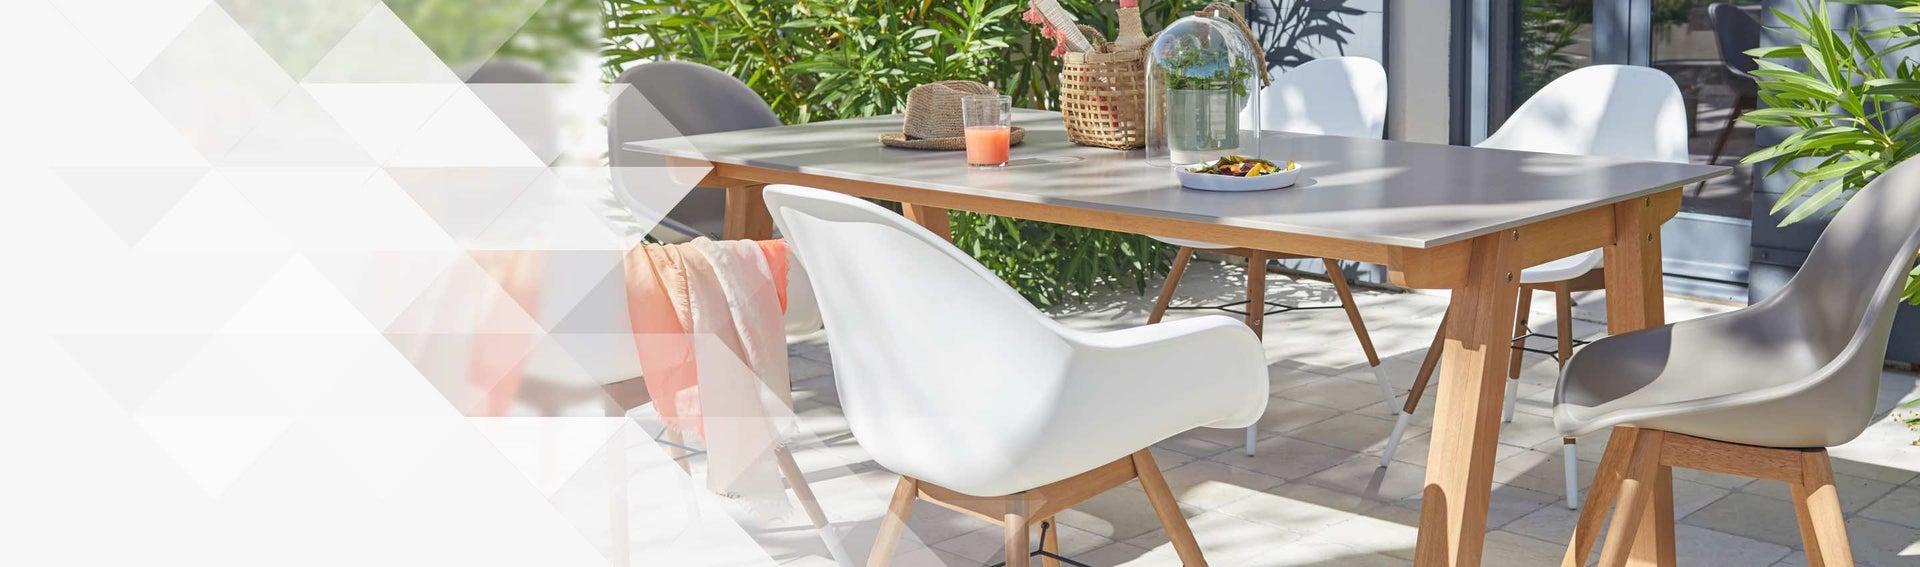 Terrasse, jardin, aménagement extérieur et piscine   Leroy Merlin